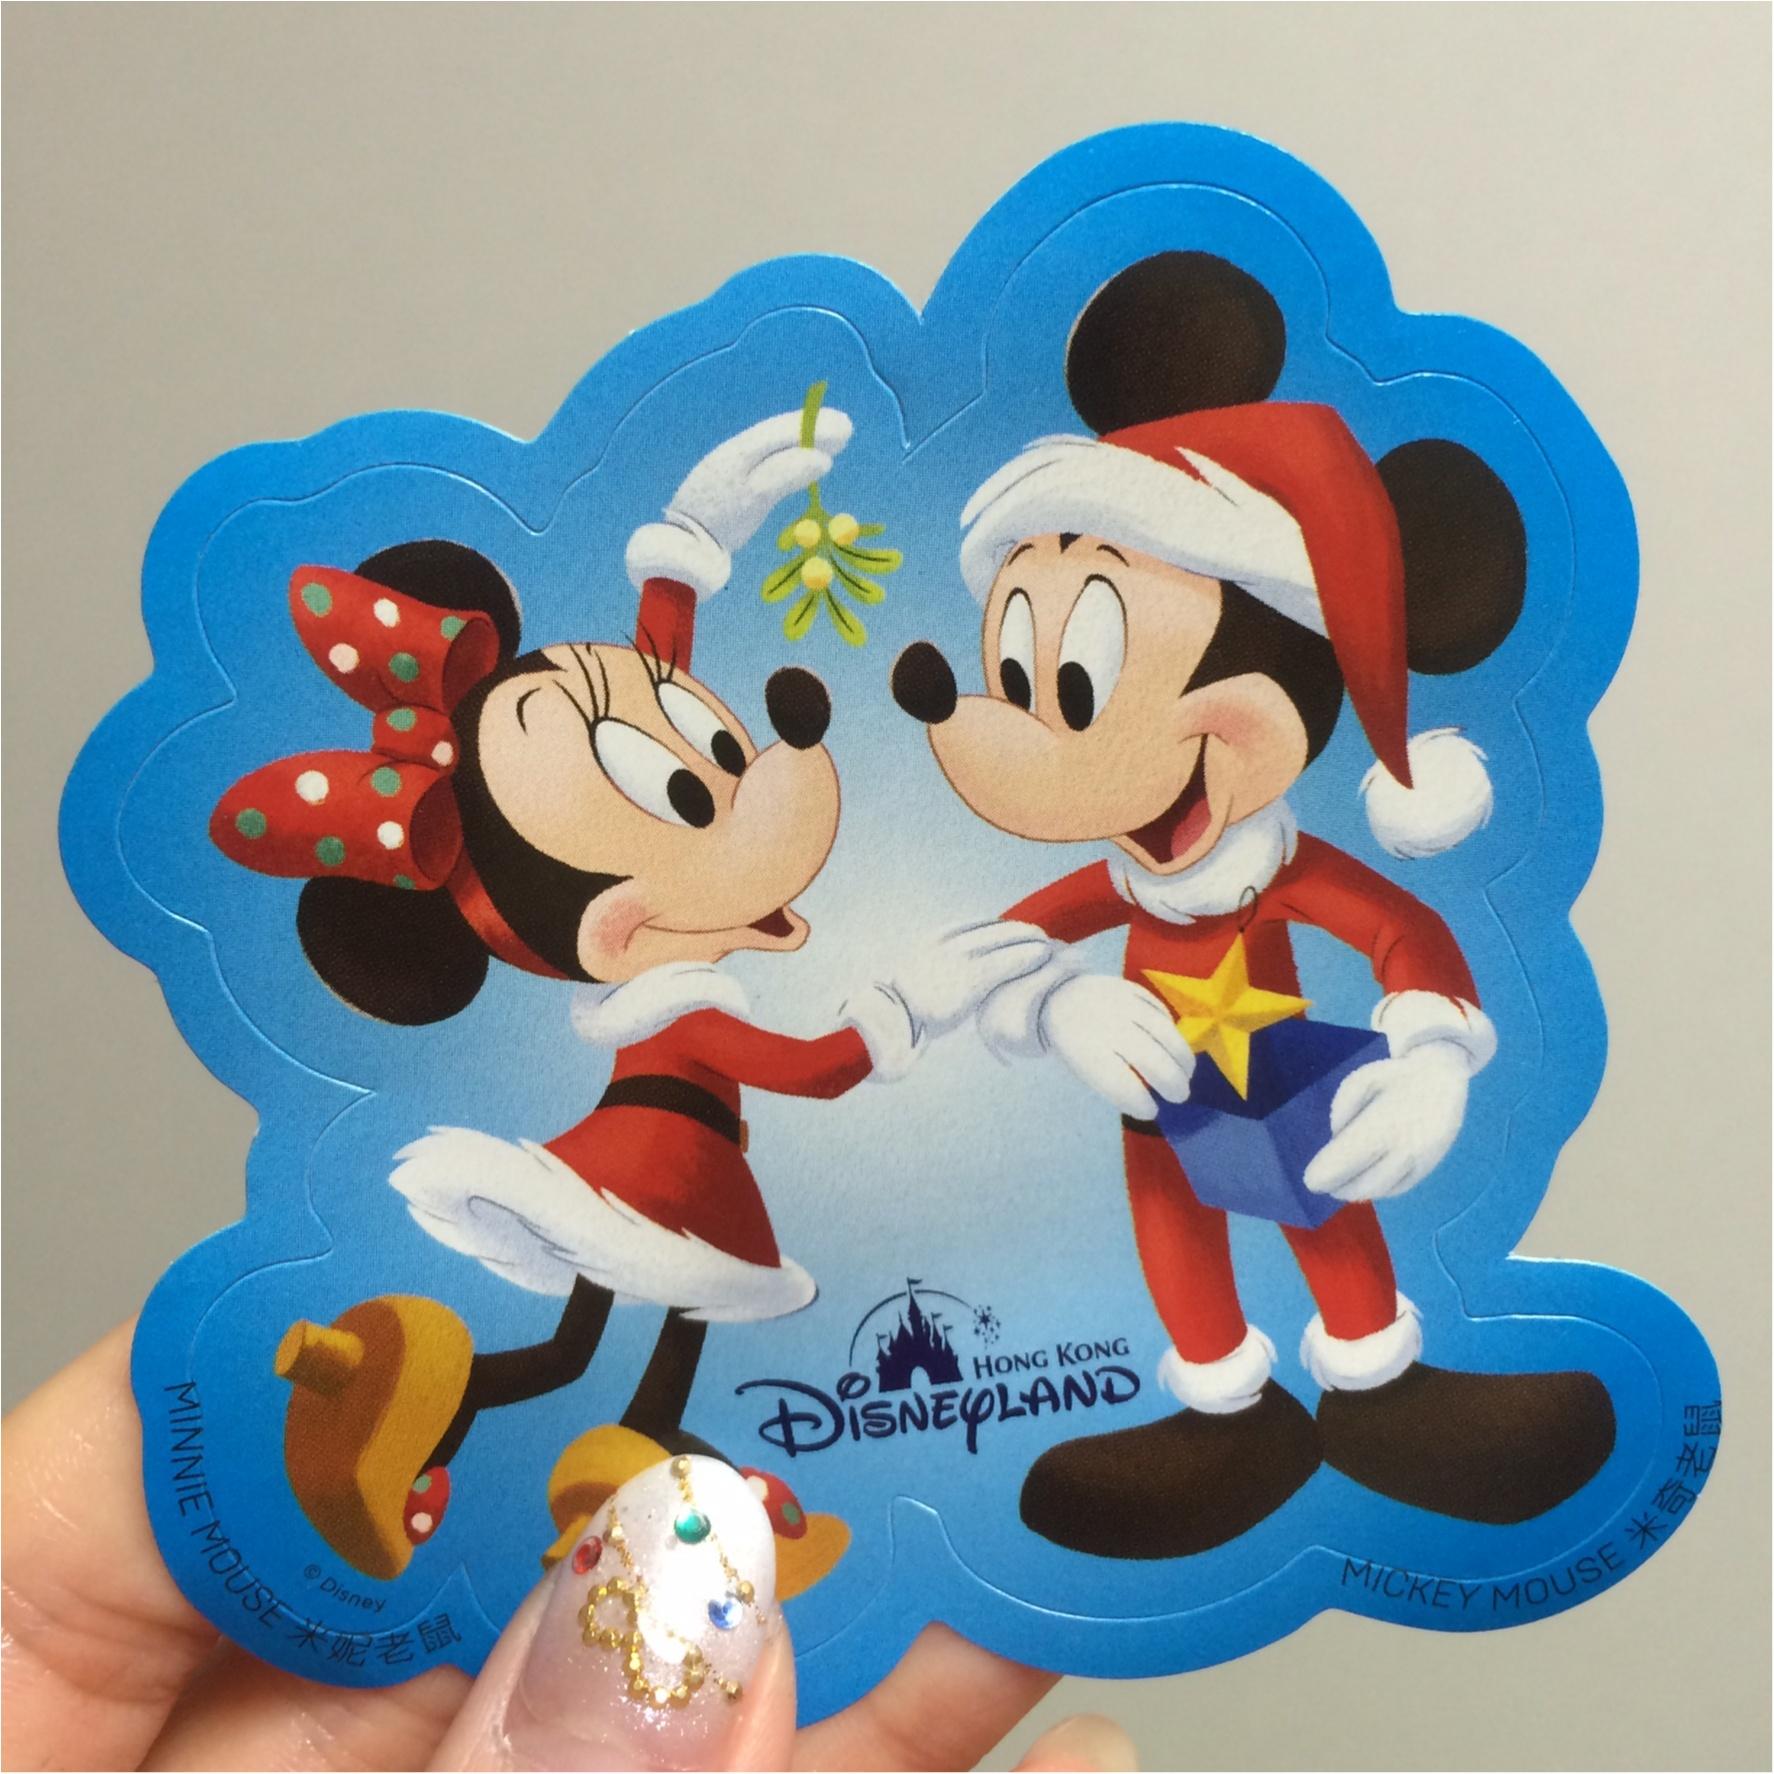 【vacation】グリーティング天国?!日本にはないものがたくさん!♡香港ディズニーランドを2倍楽しむ!おすすめポイント♡_6